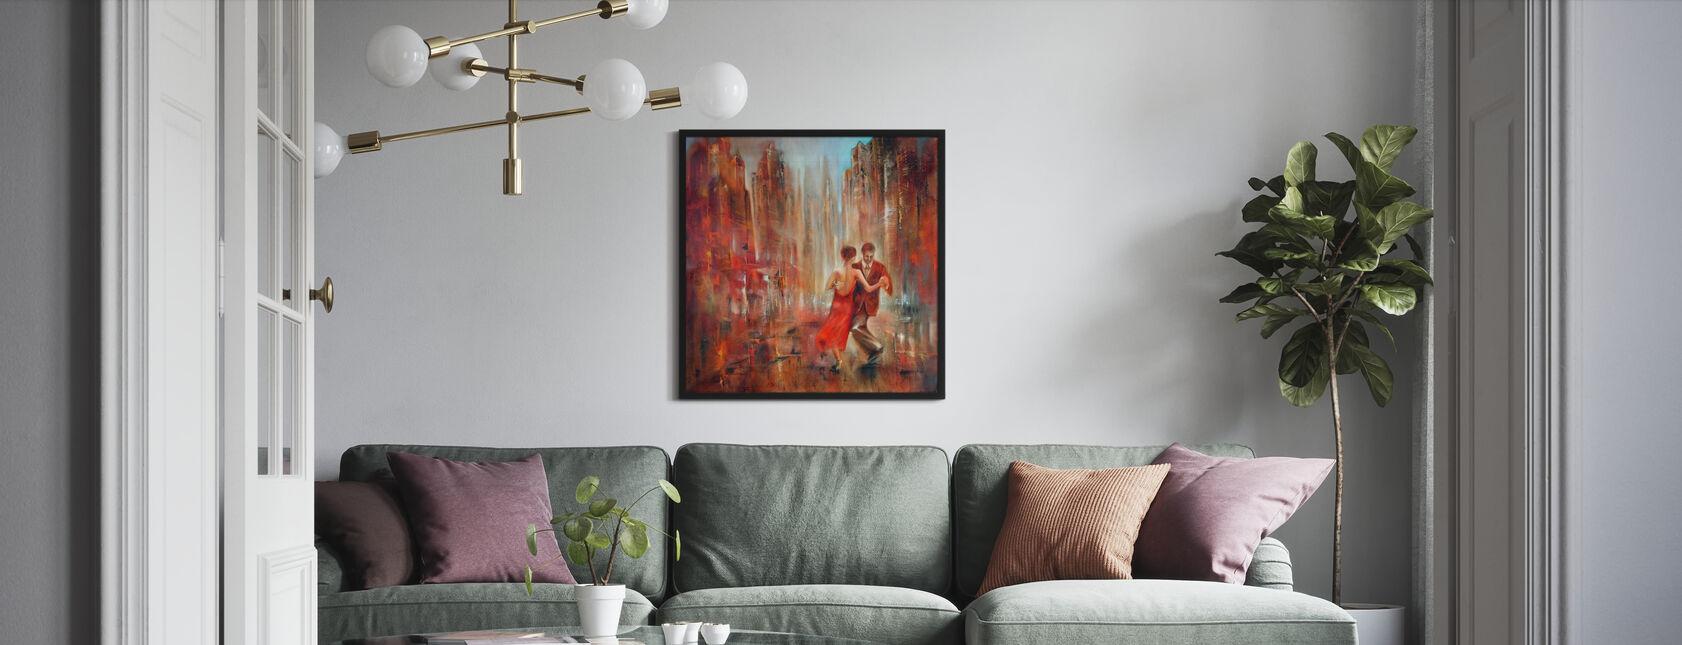 Tango - Inramad tavla - Vardagsrum